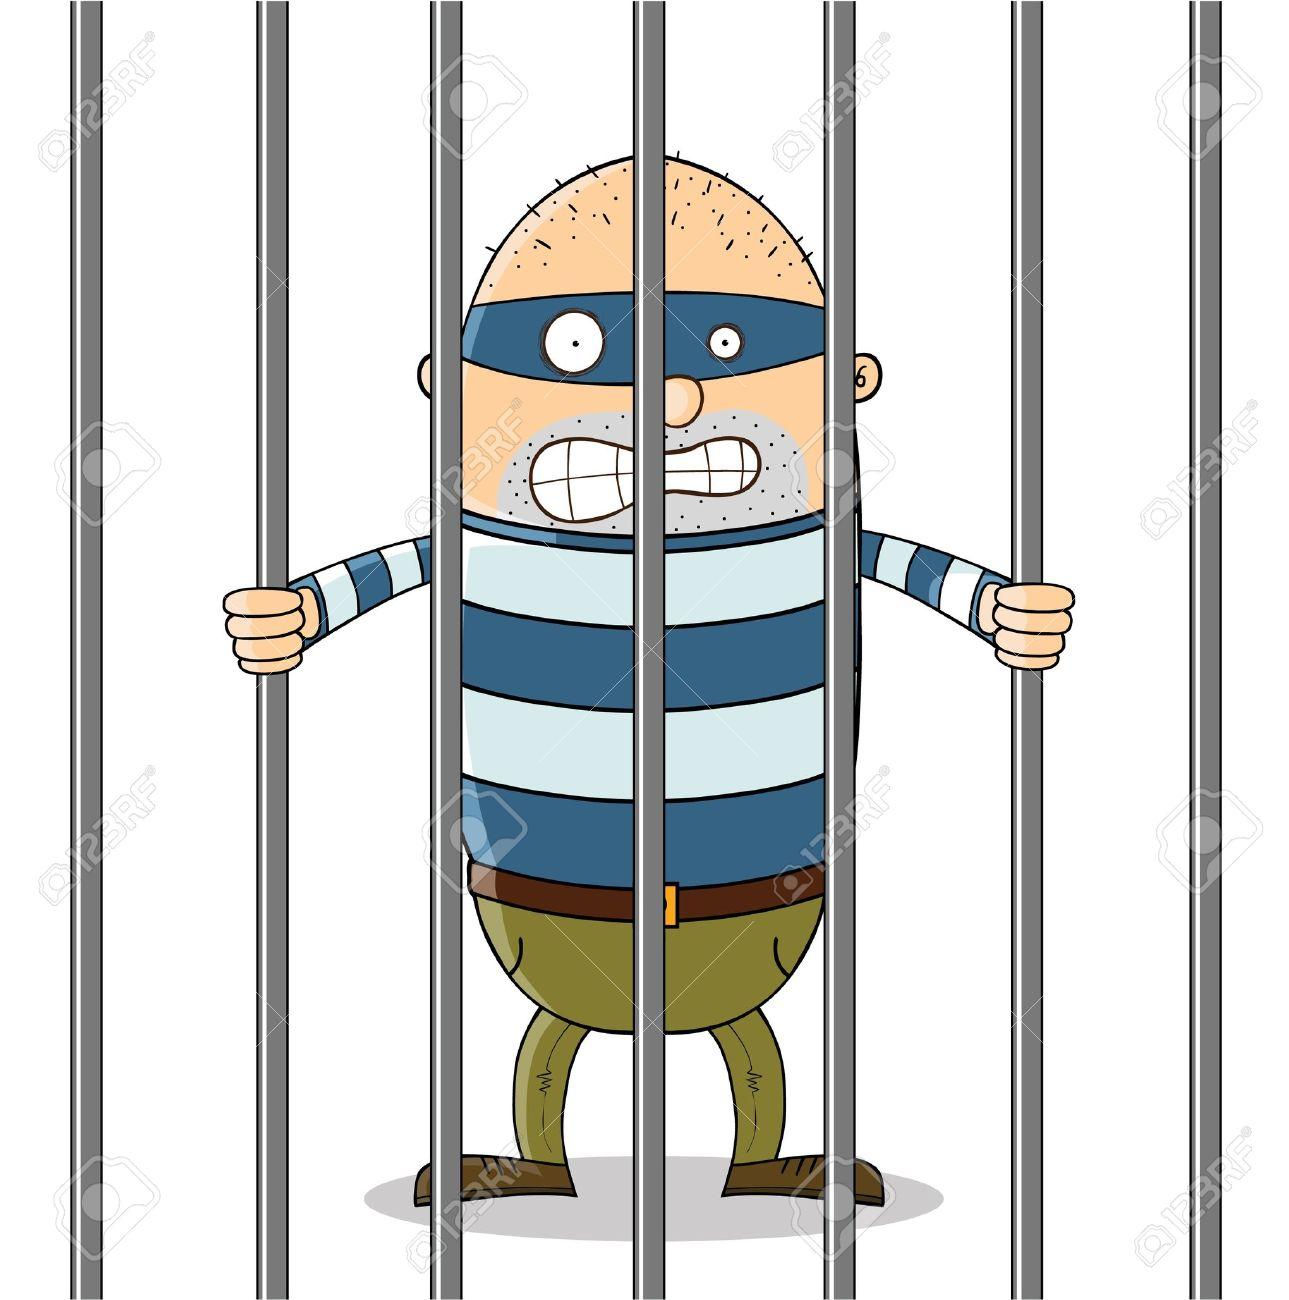 bad guy in jail.